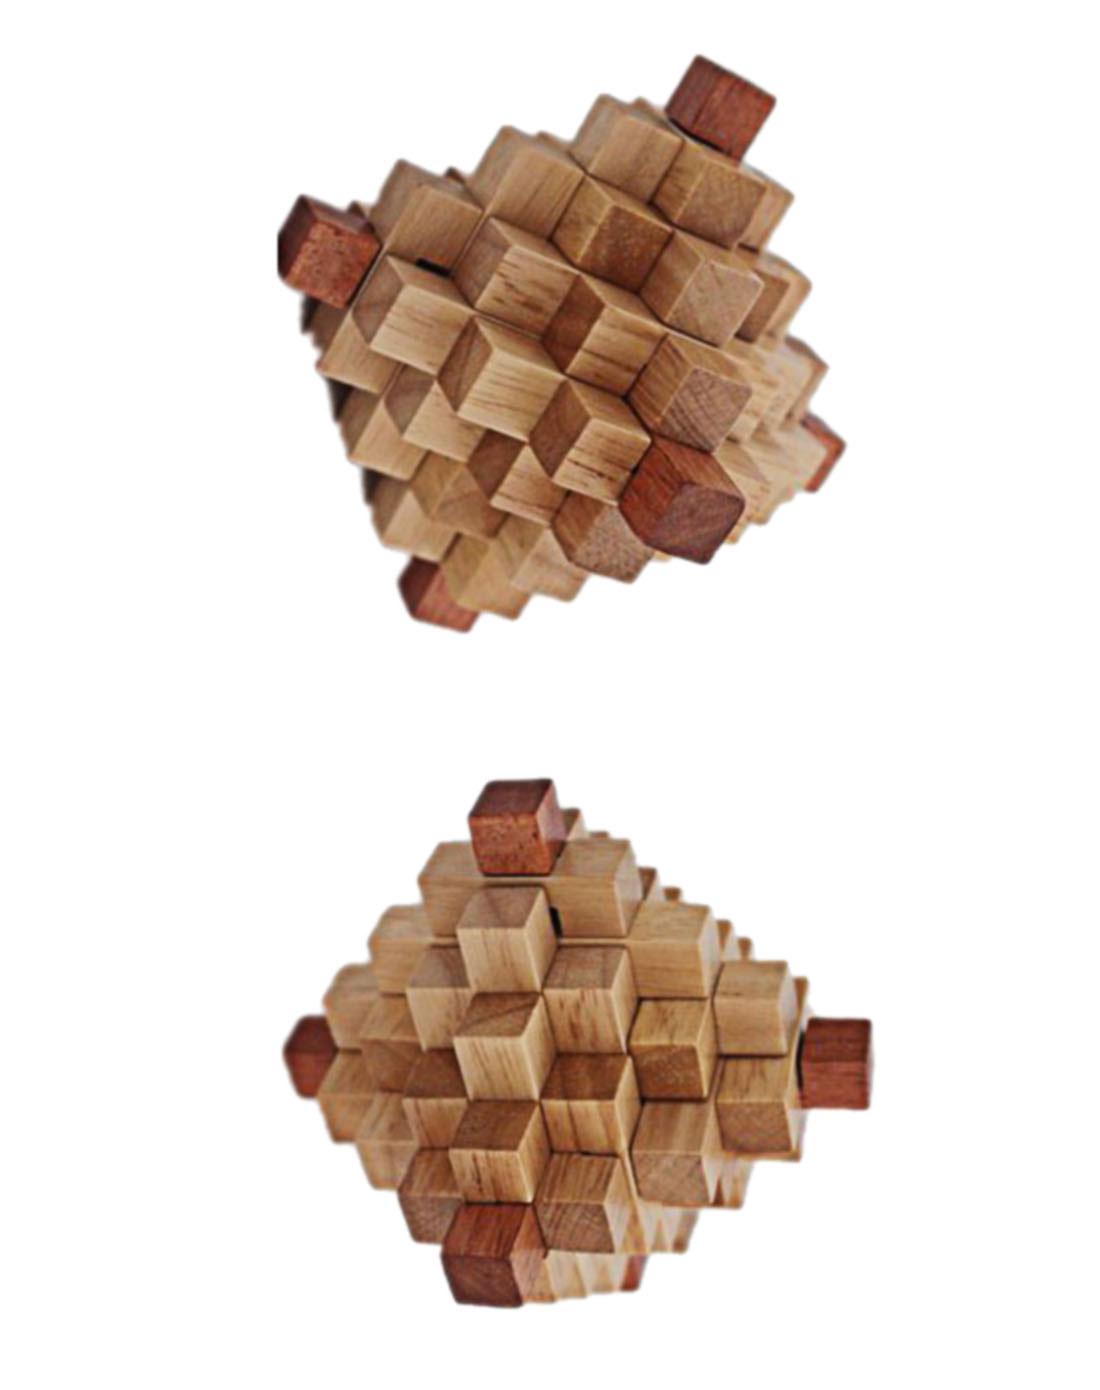 丹妮奇特特三国孔明锁系列—菠萝锁(进口橡胶木)